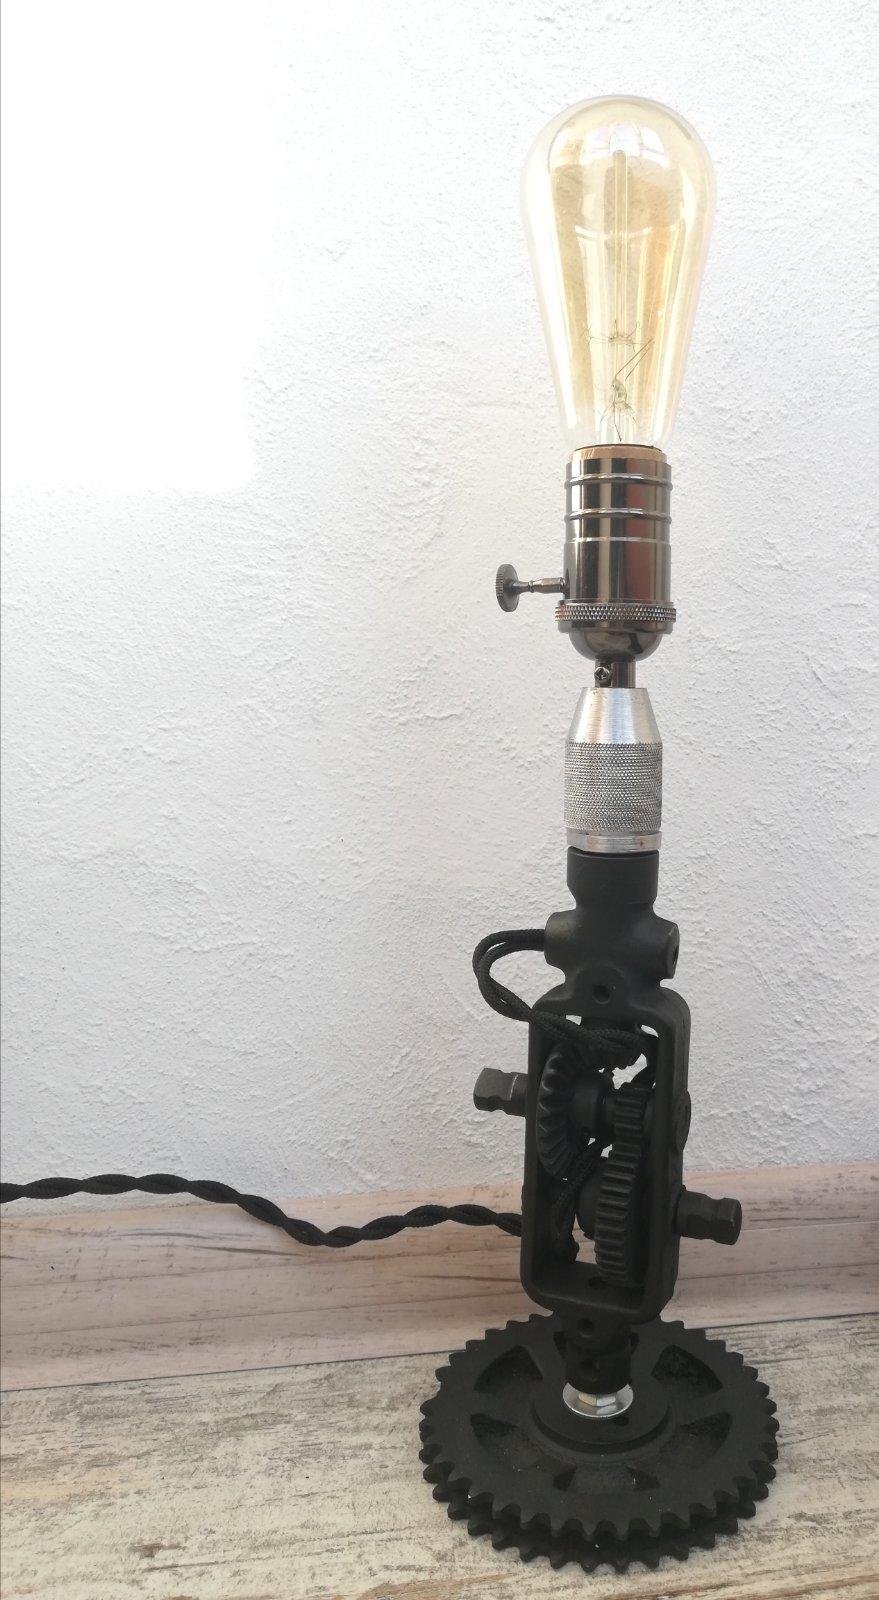 світильник із ручної дрелі3